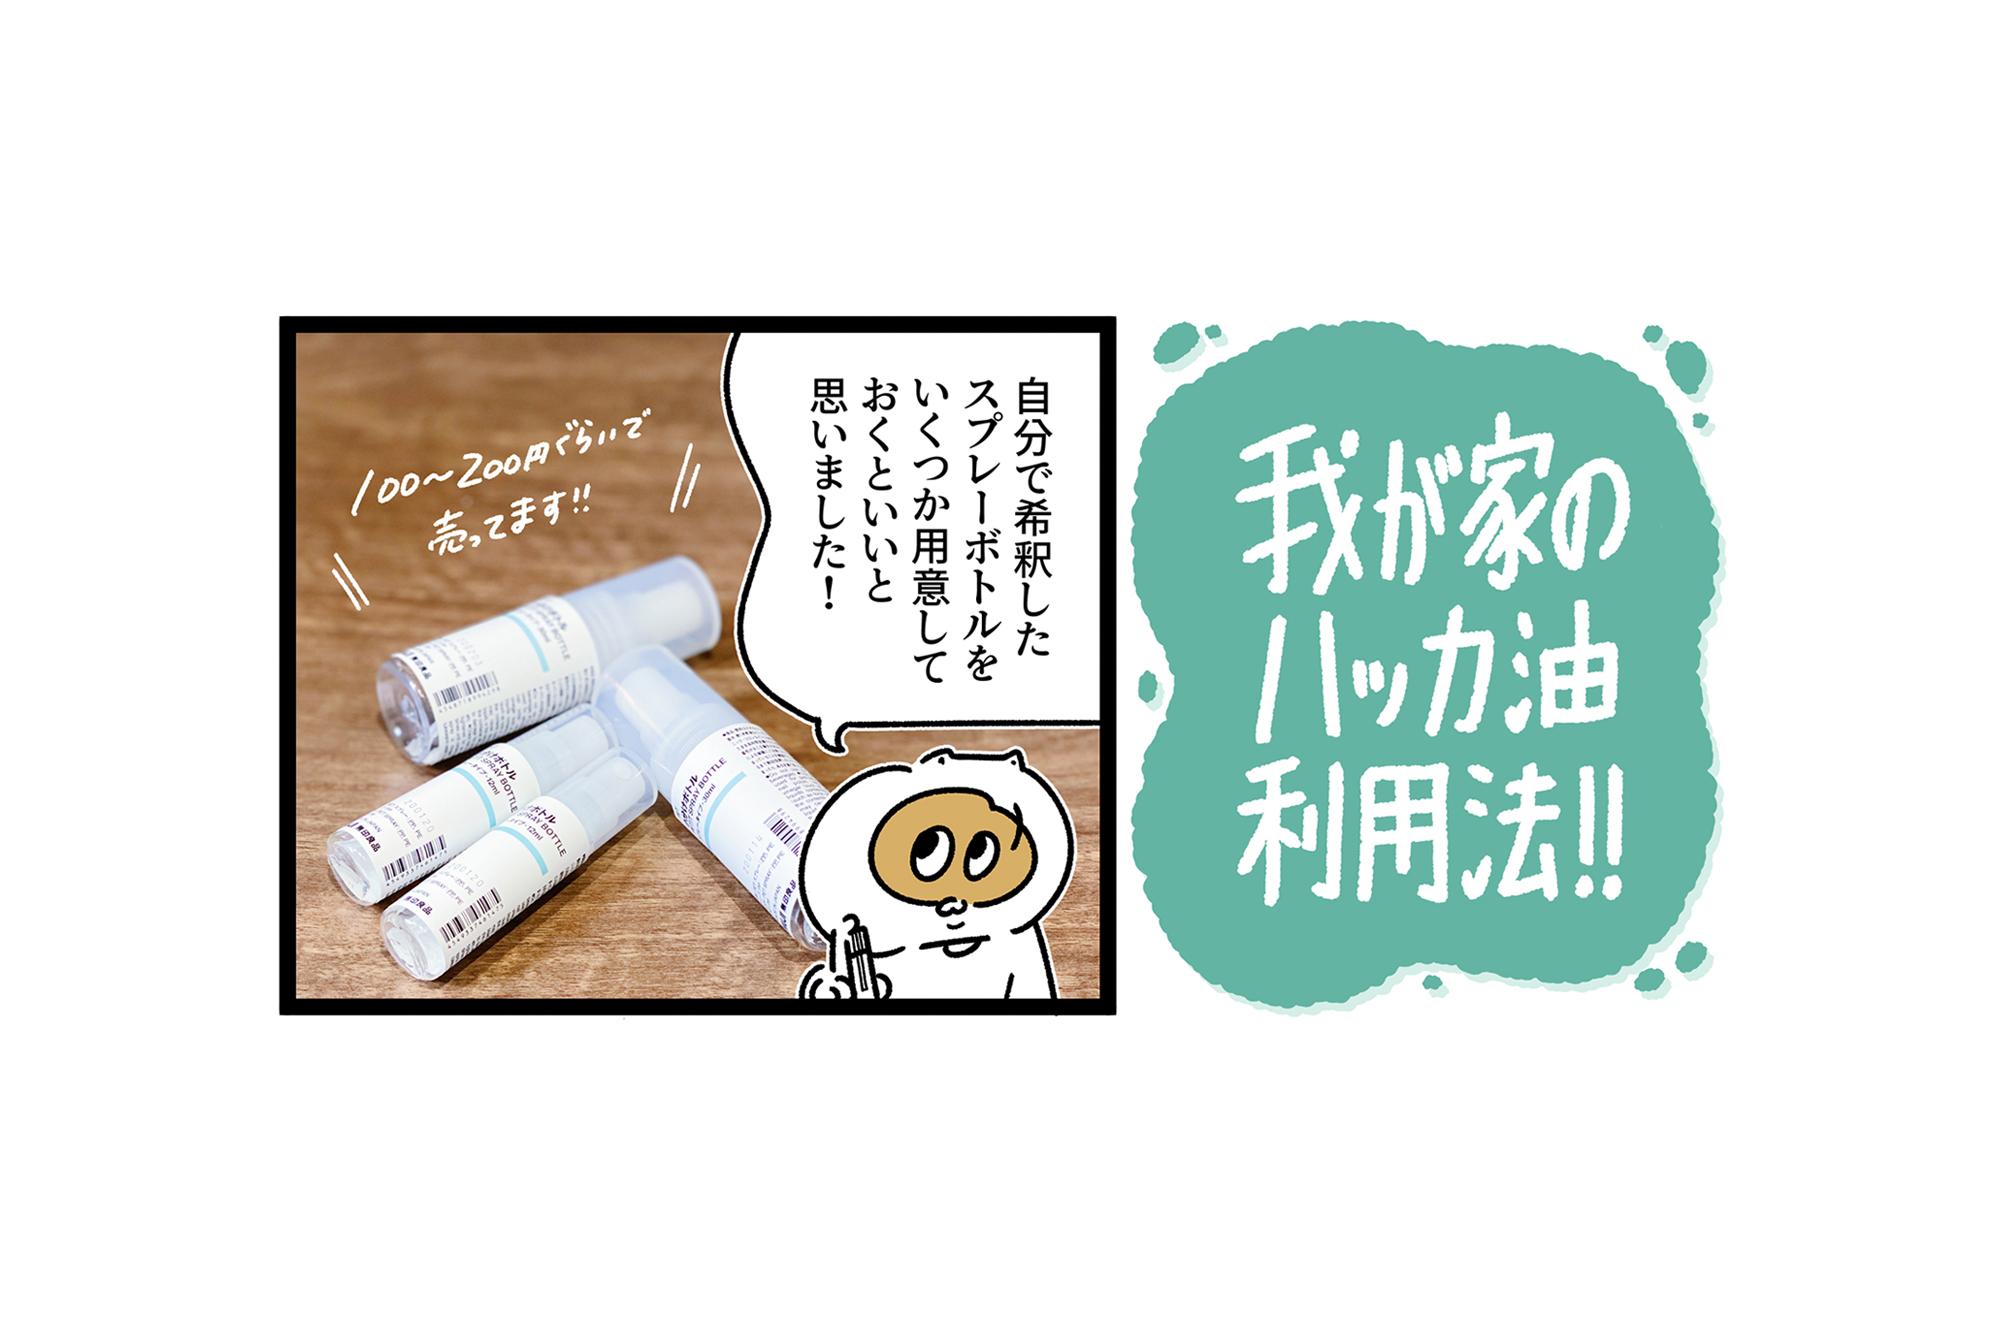 【#ハッカ油万能説3】用途によって作り分け!イラストレーター吉本ユータヌキさんの場合